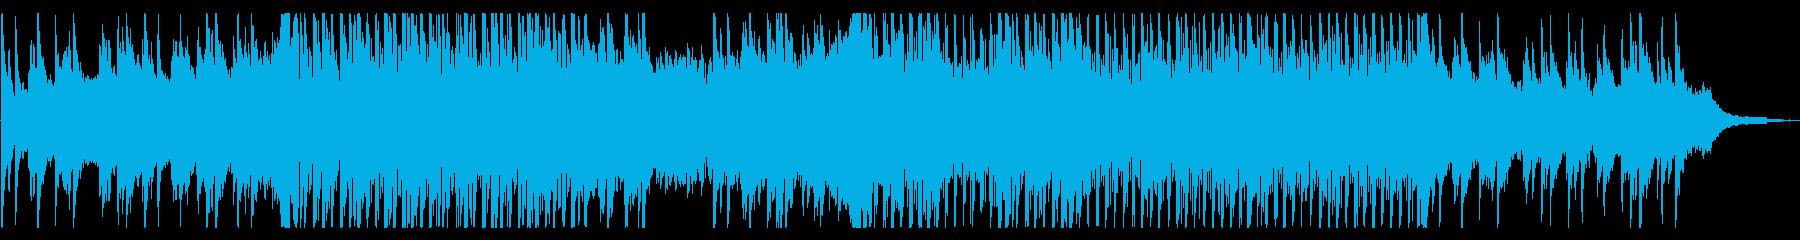 ピアノのアンビエントの再生済みの波形